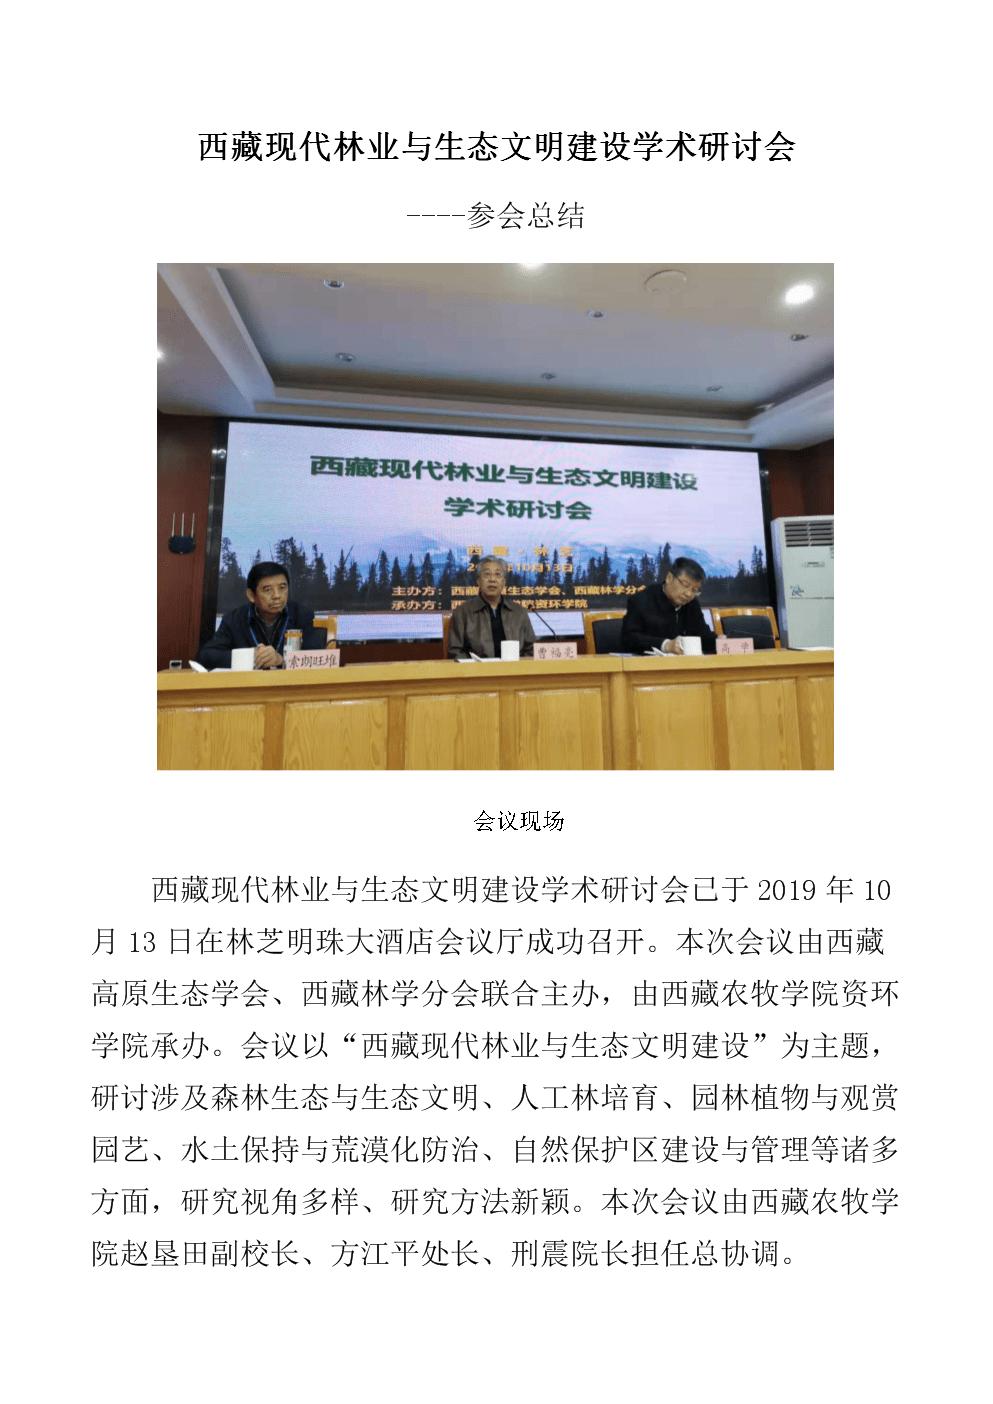 现代林业与生态文明建设学术研讨会  会议总结.docx